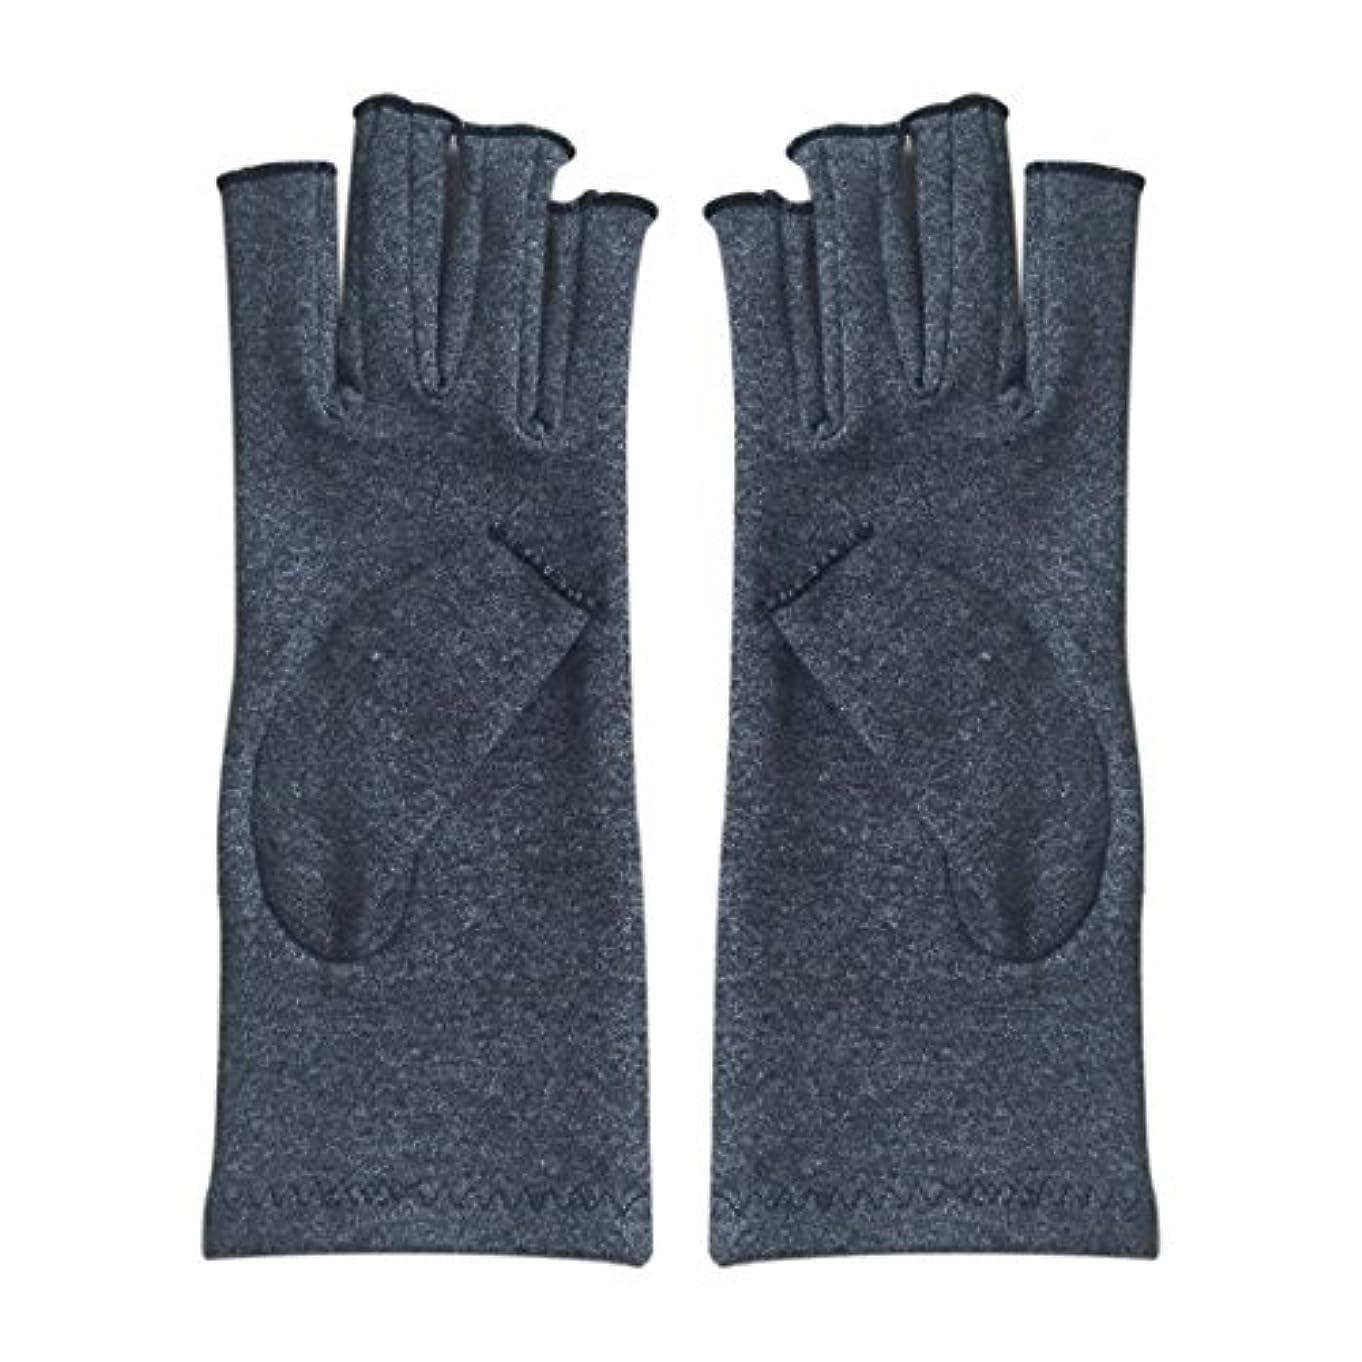 絶対にタイマー急ぐTOOGOO ペア 弾性コットン製の手袋 関節式手袋 灰色 M